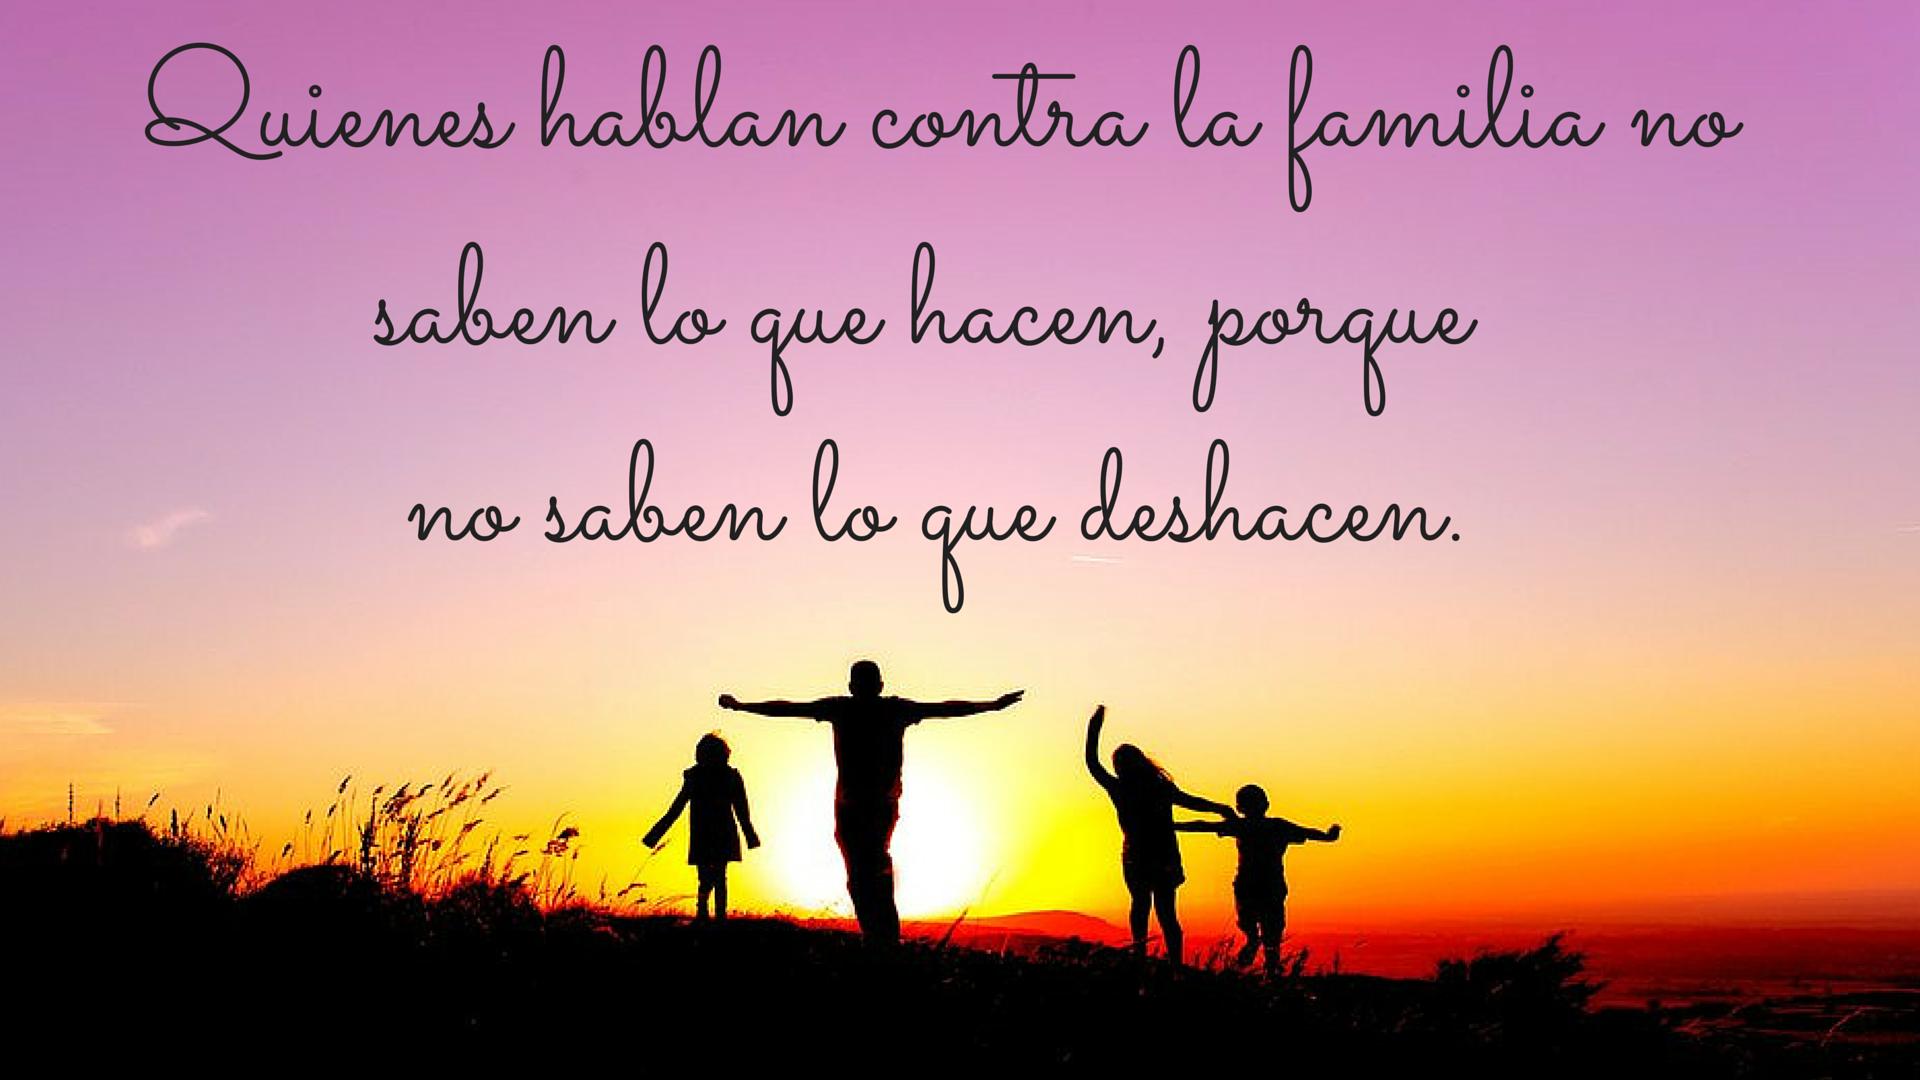 Frases bonitas sobre la familia